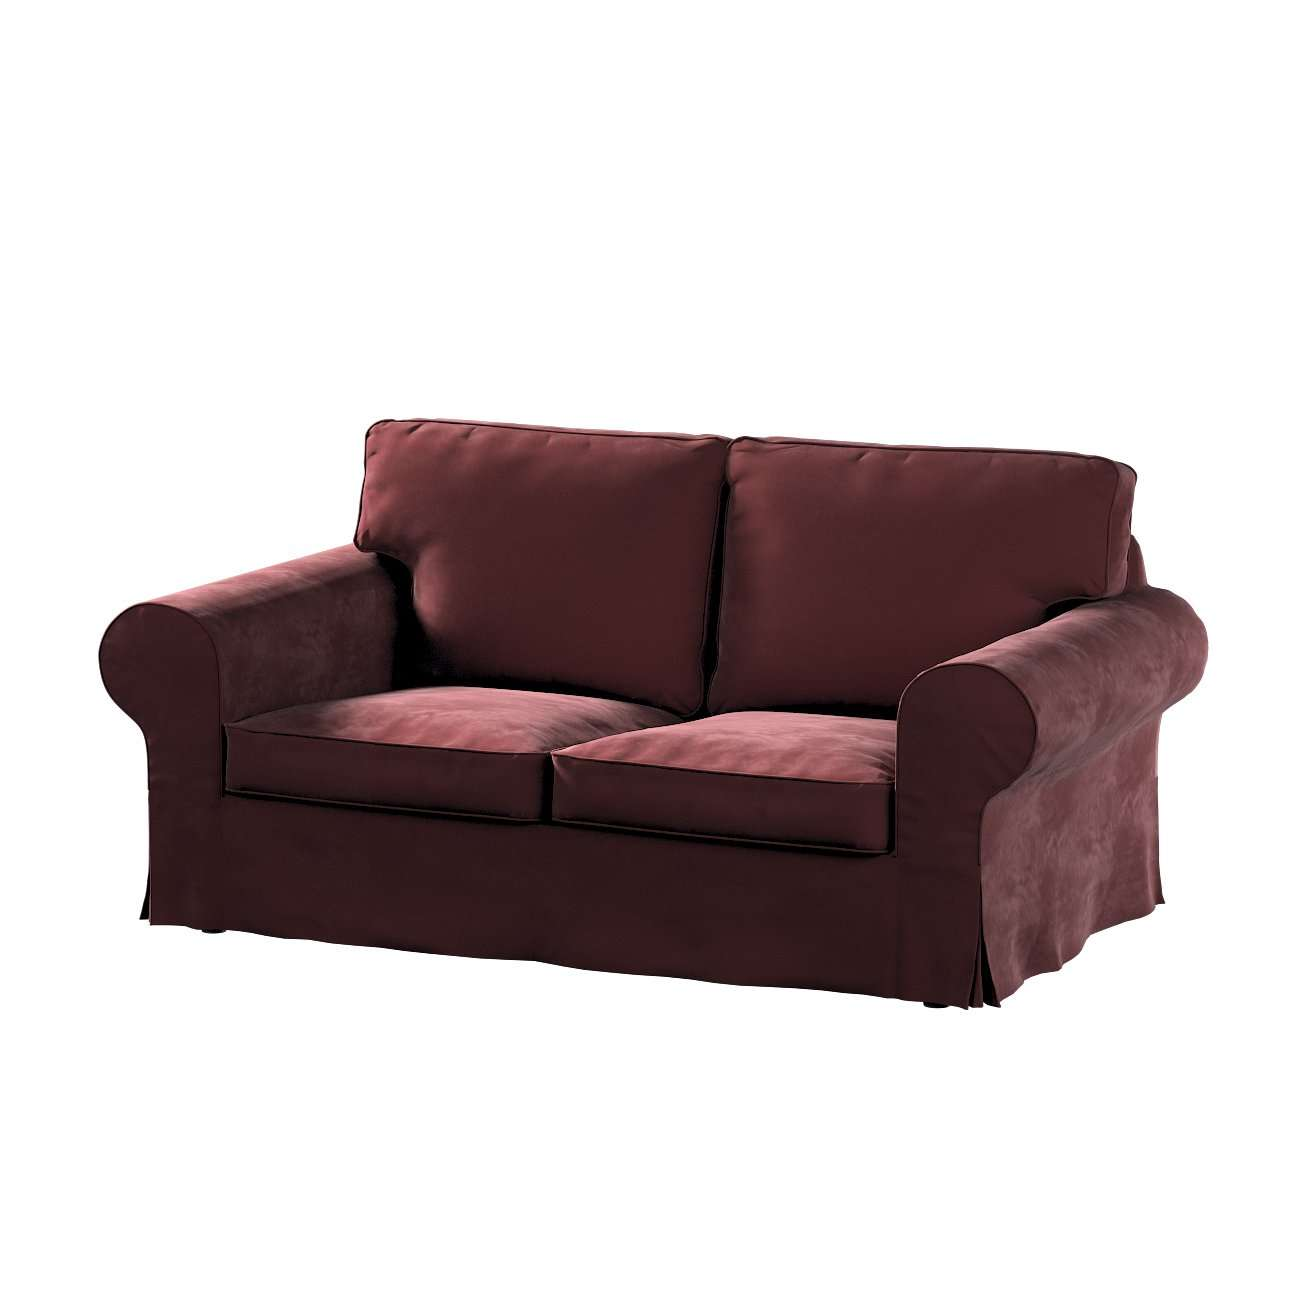 Pokrowiec na sofę Ektorp 2-osobową, rozkładaną, model do 2012 w kolekcji Velvet, tkanina: 704-26